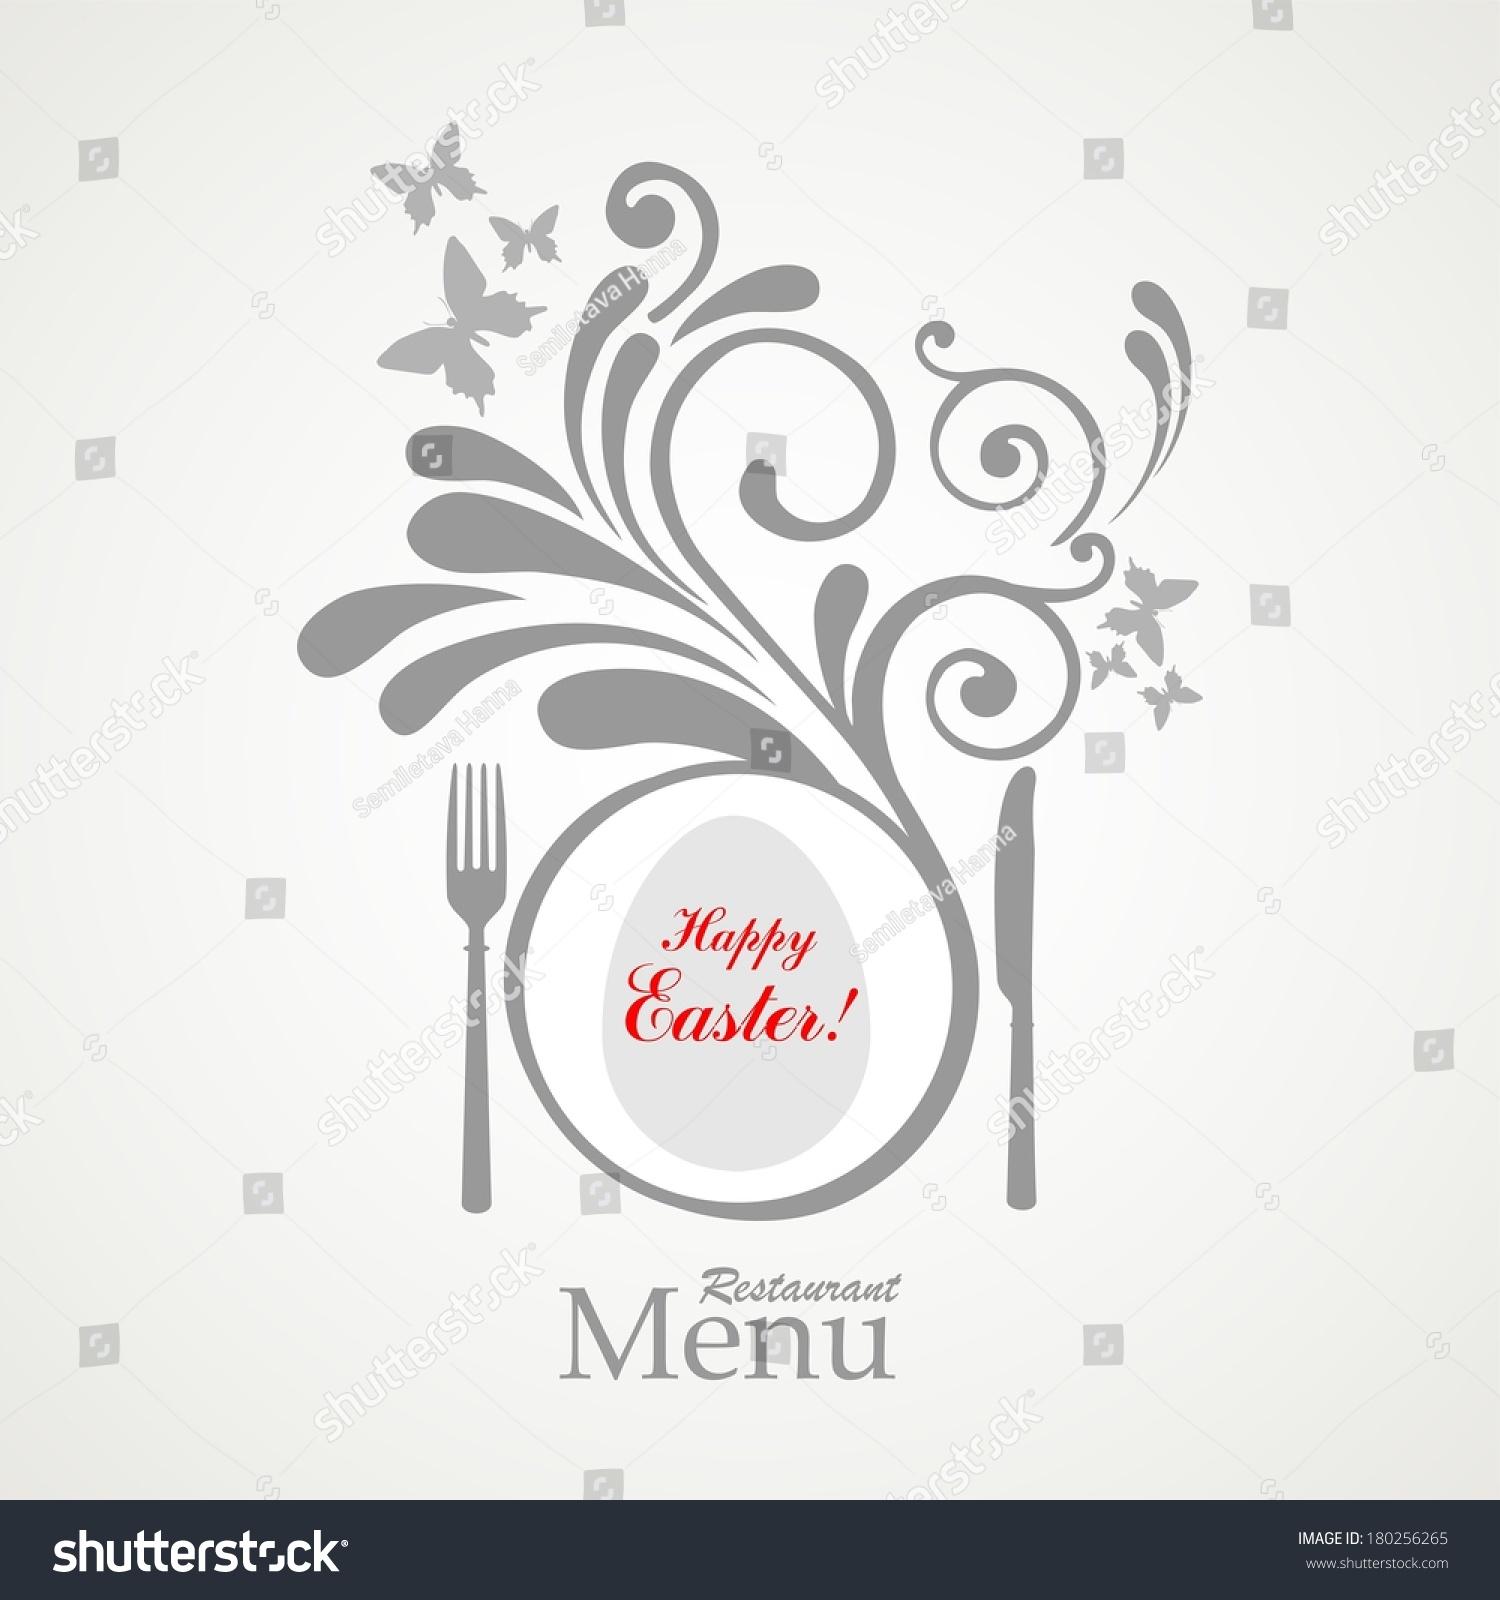 easter card vintage restaurant menu design stock illustration